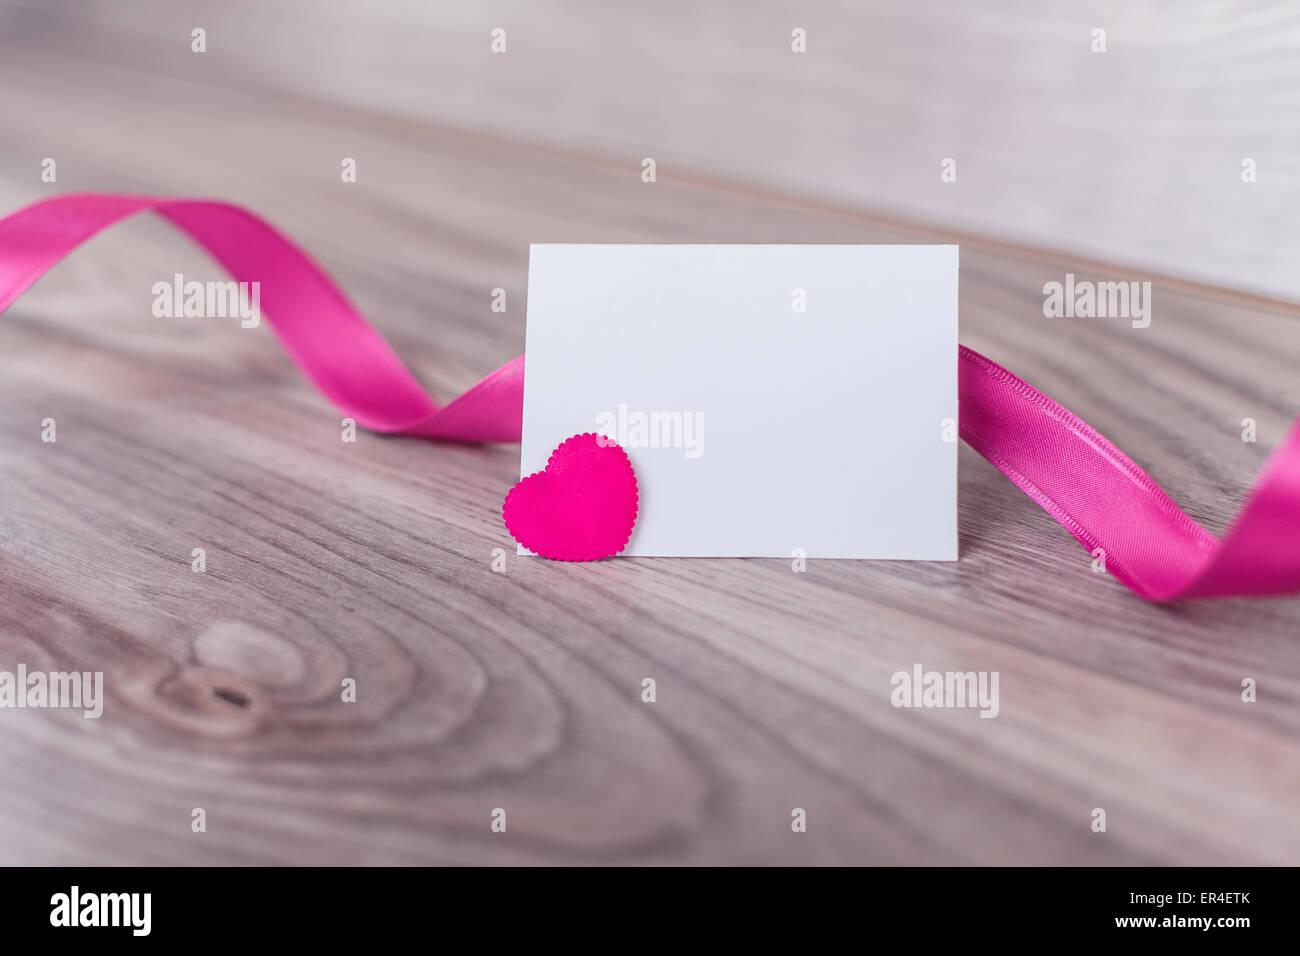 Lettre d'amour Saint Valentin sur une table en bois Photo Stock